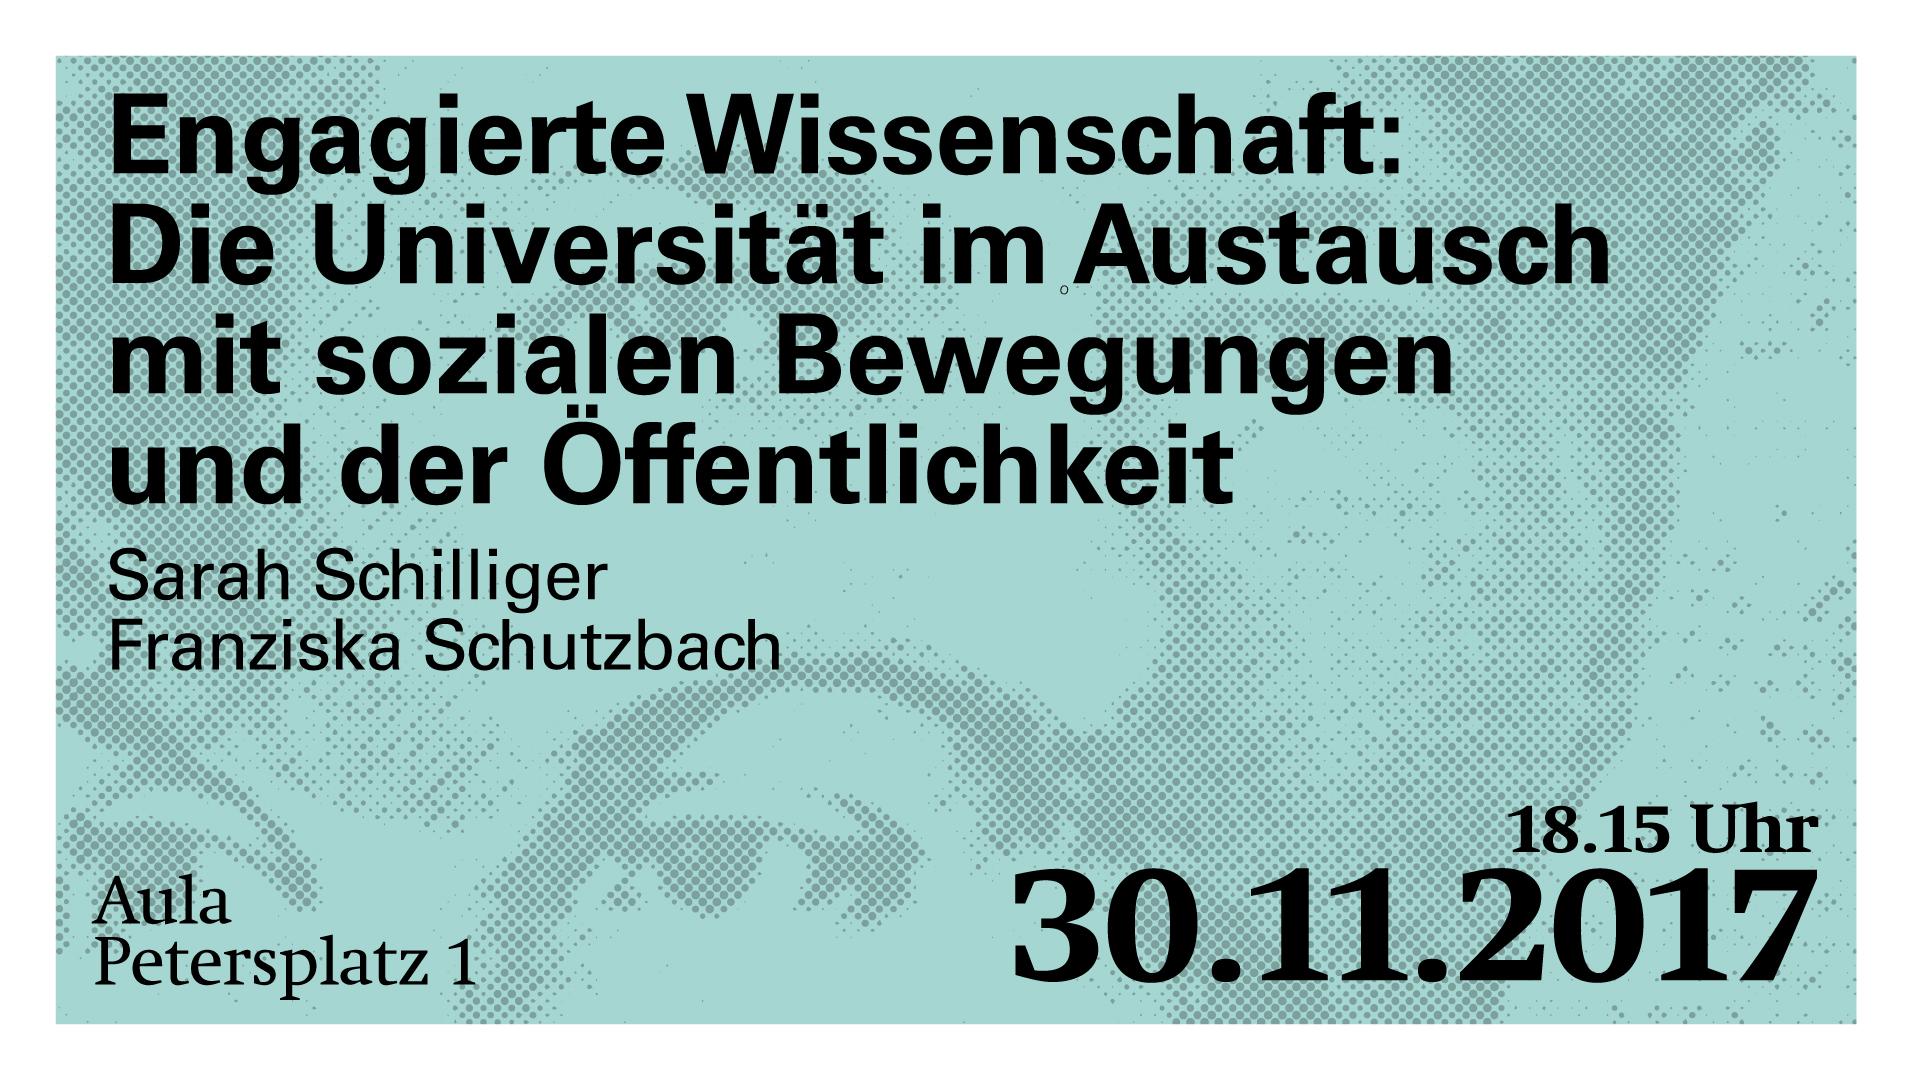 Sarah Schilliger, Franziska Schutzbach: Engagierte Wissenschaft: Die Universität im Austausch mit sozialen Bewegungen und der Öffentlichkeit